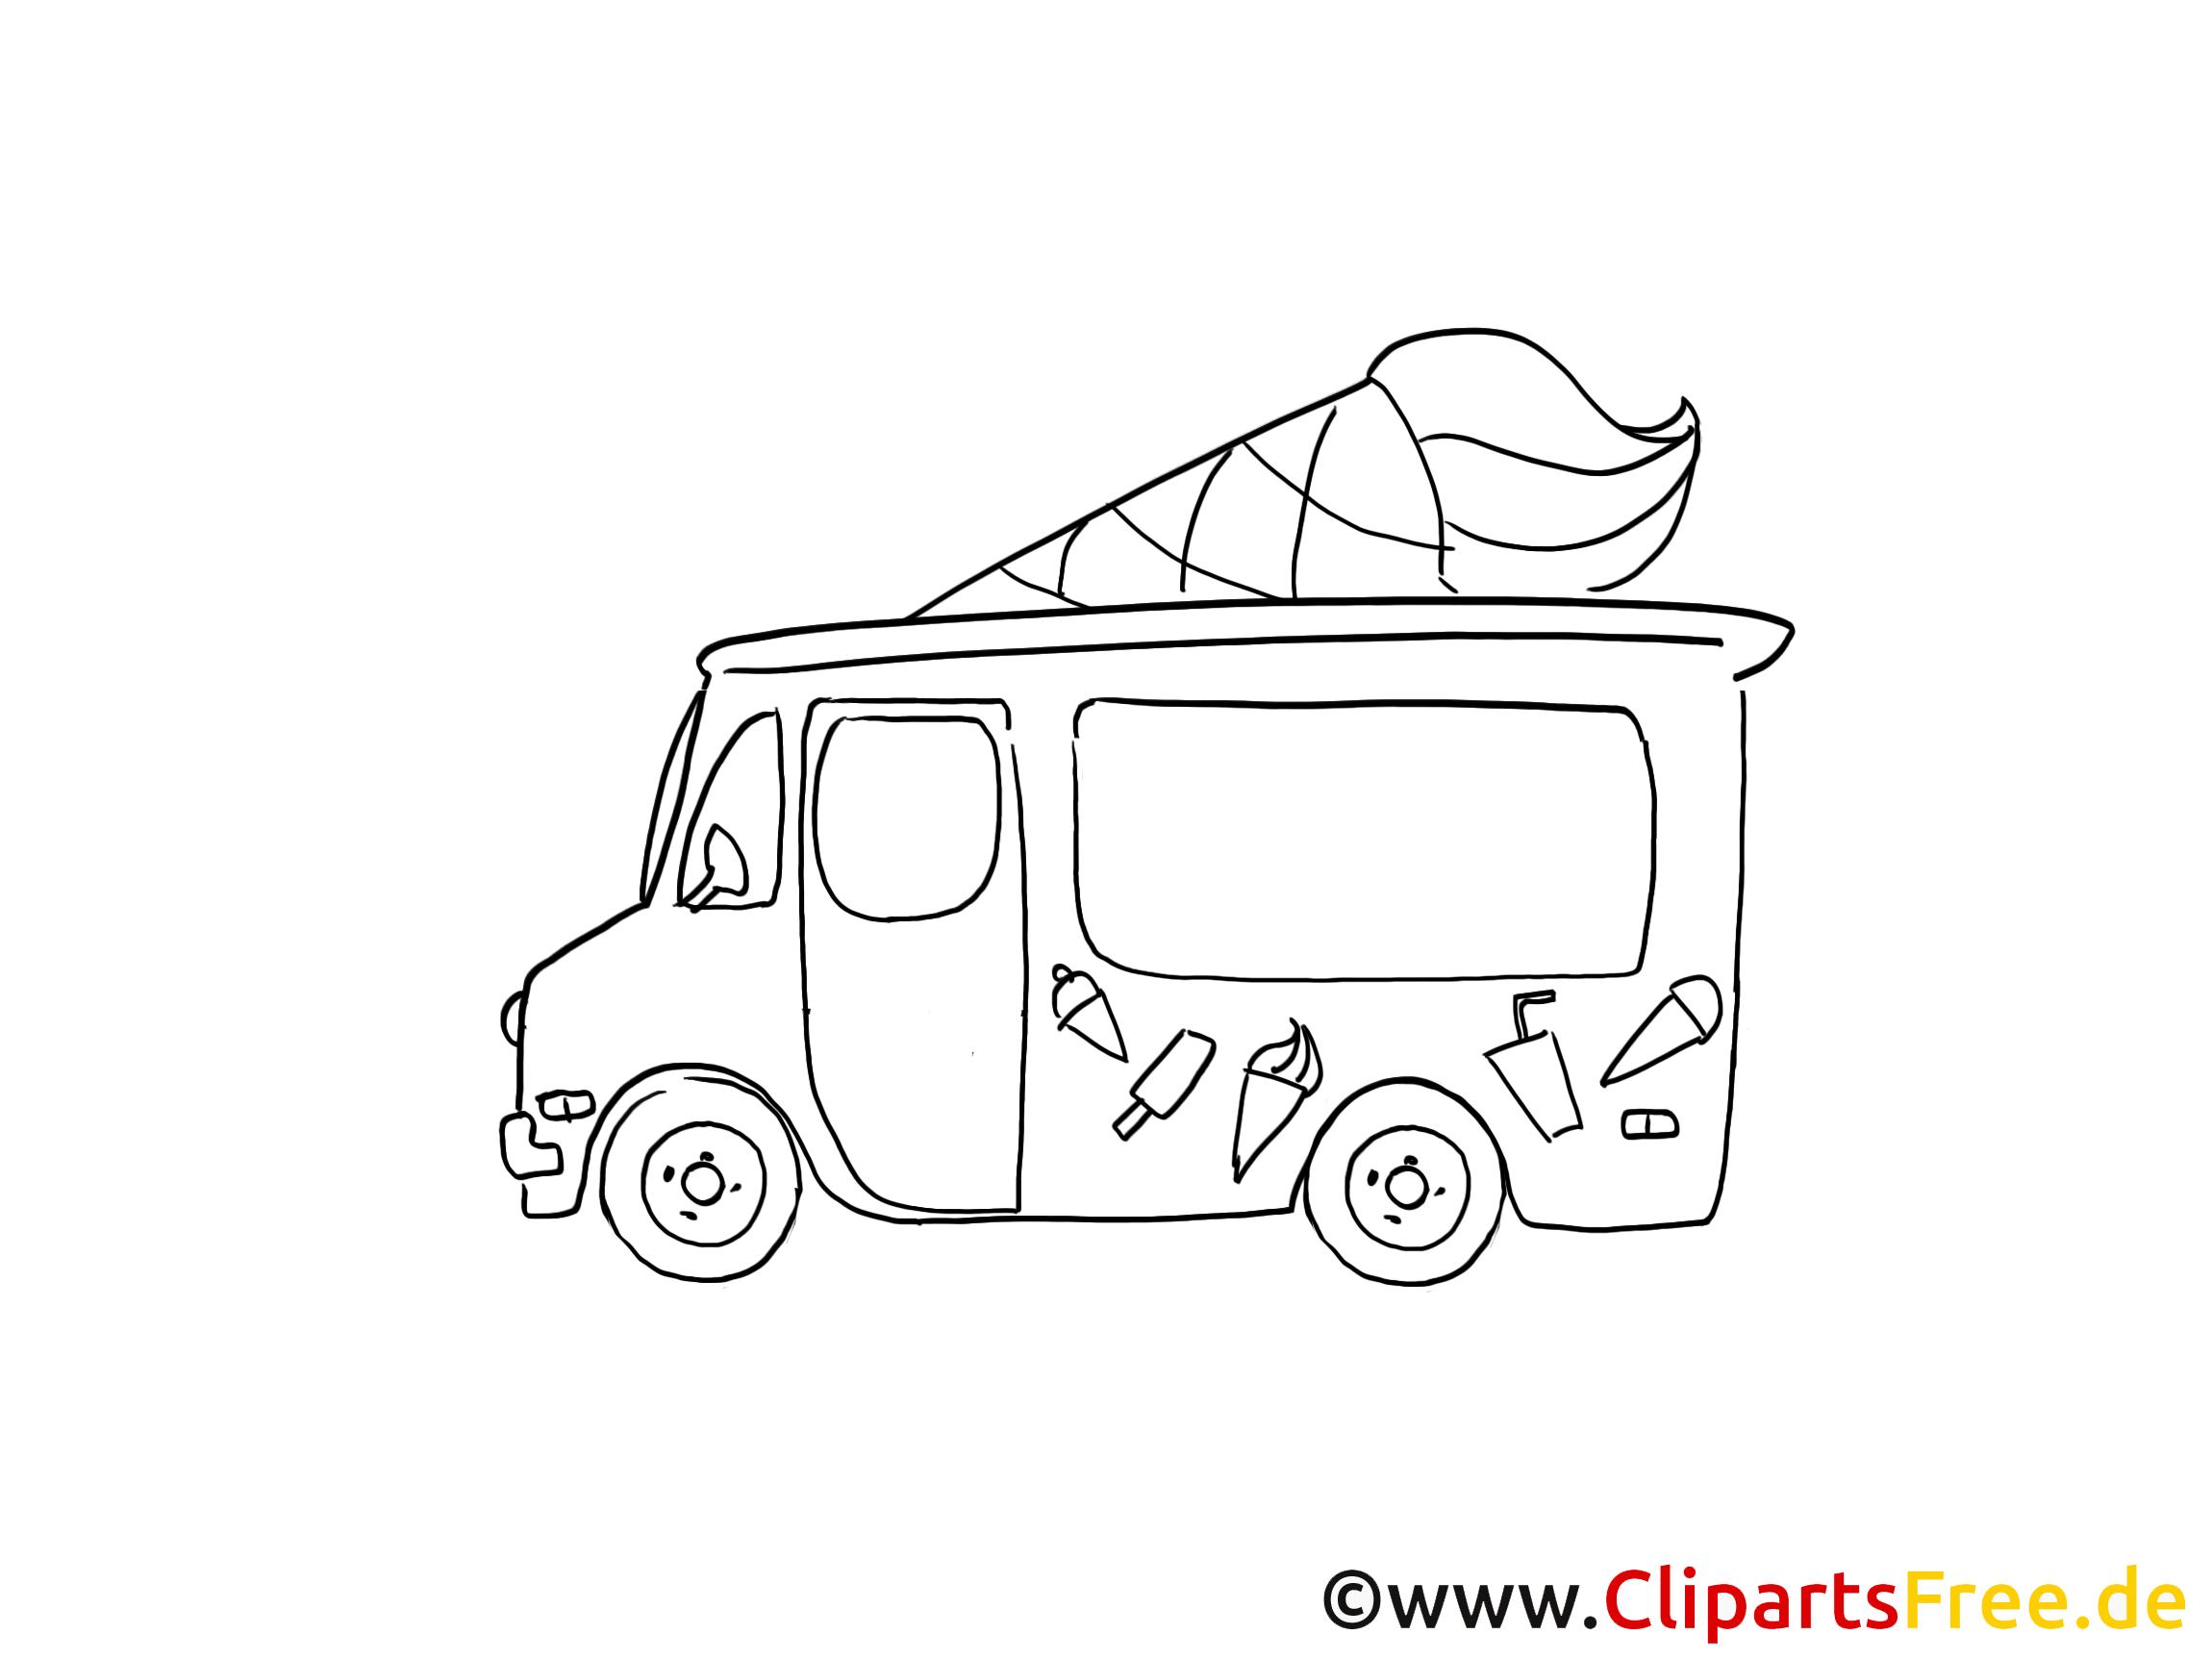 Camion de cr me glac e dessin gratuit colorier voitures dessin picture image graphic - Dessin de camion a imprimer ...